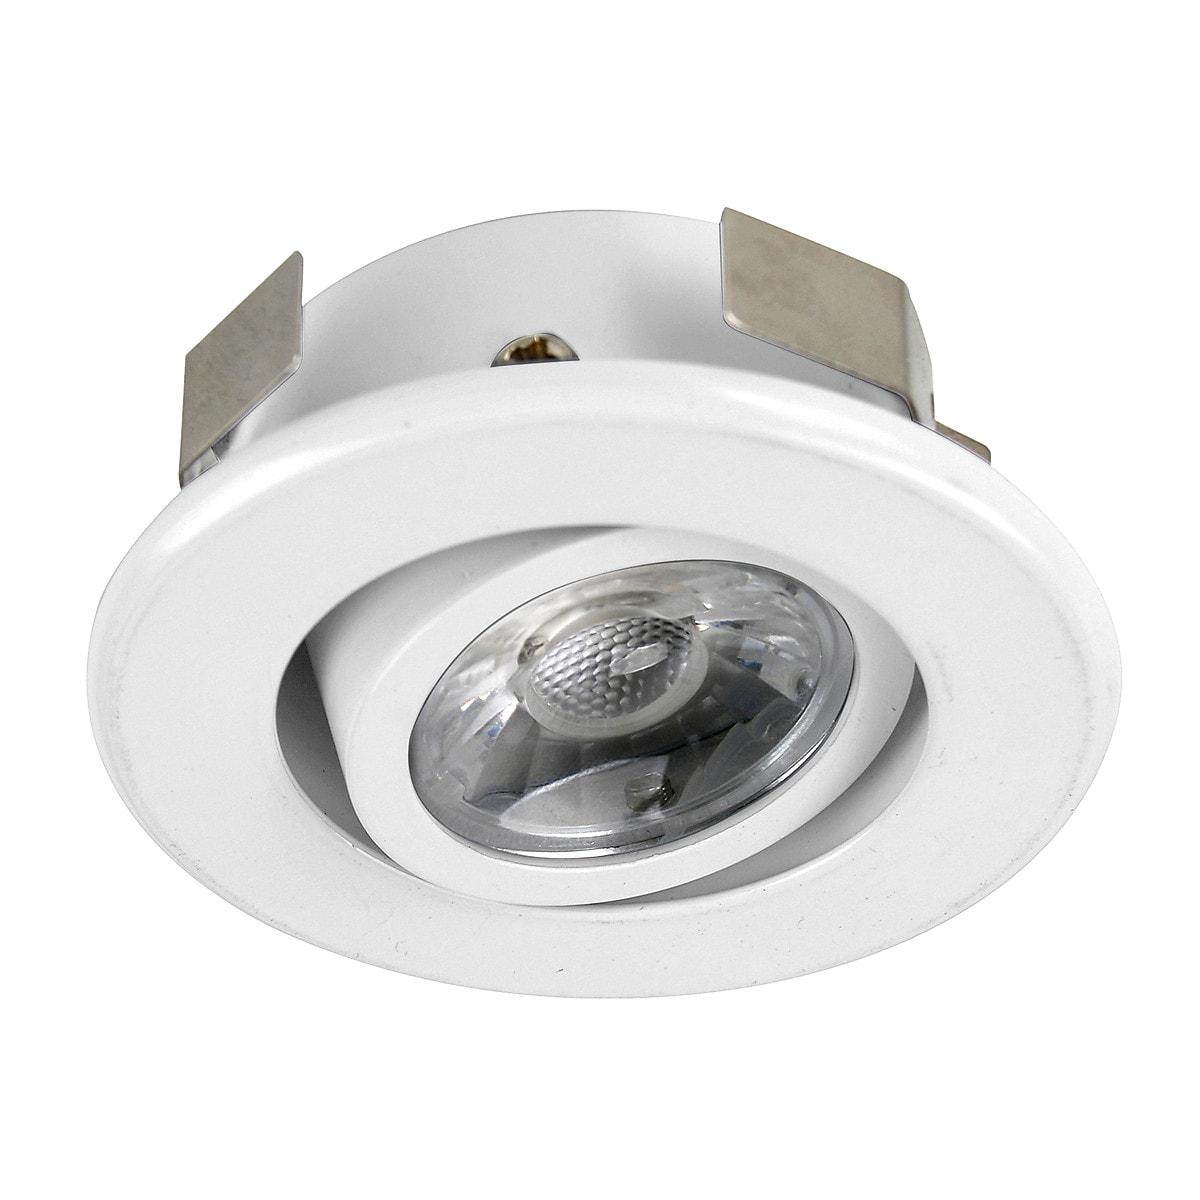 Downlight LED Northlight